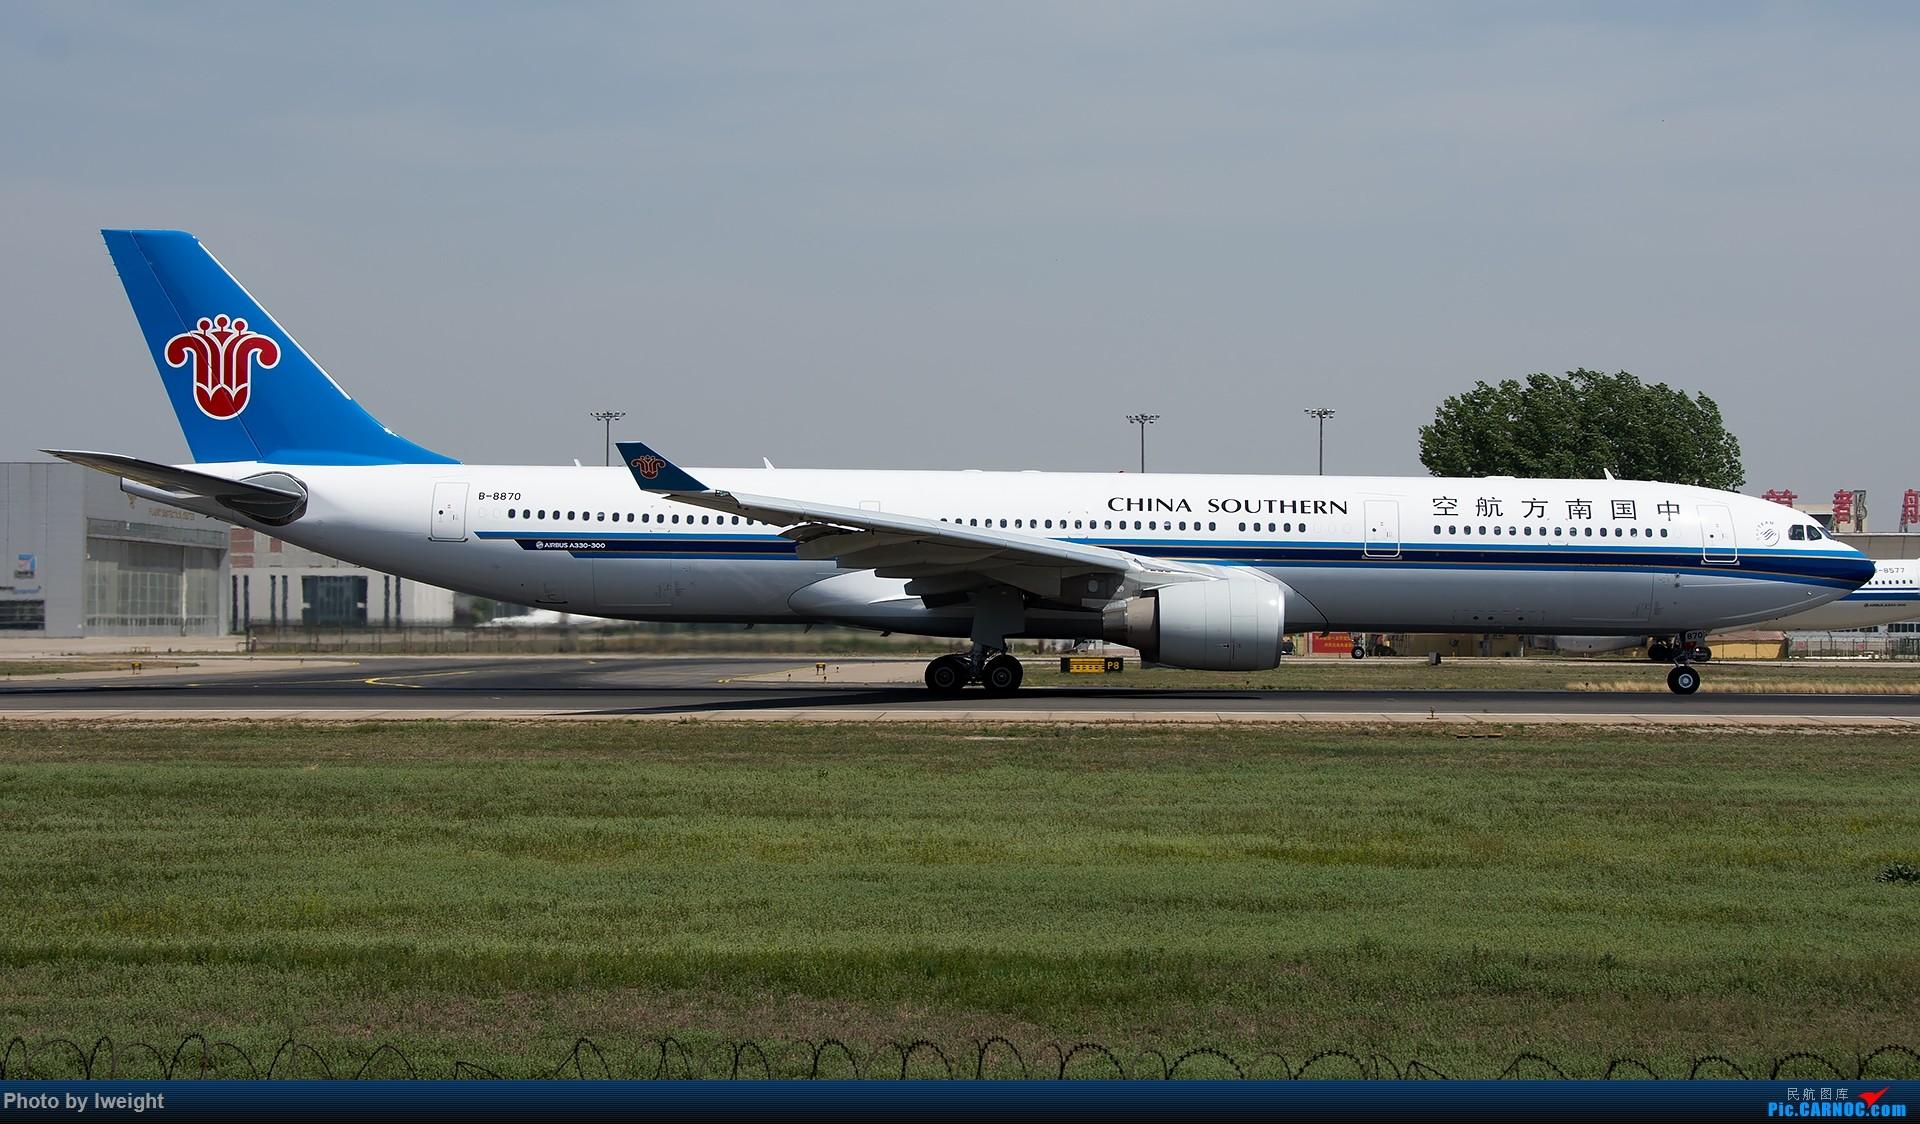 Re:[原创]天气晴朗,继续守候18R【多图】 AIRBUS A330-300 B-8870 中国北京首都国际机场